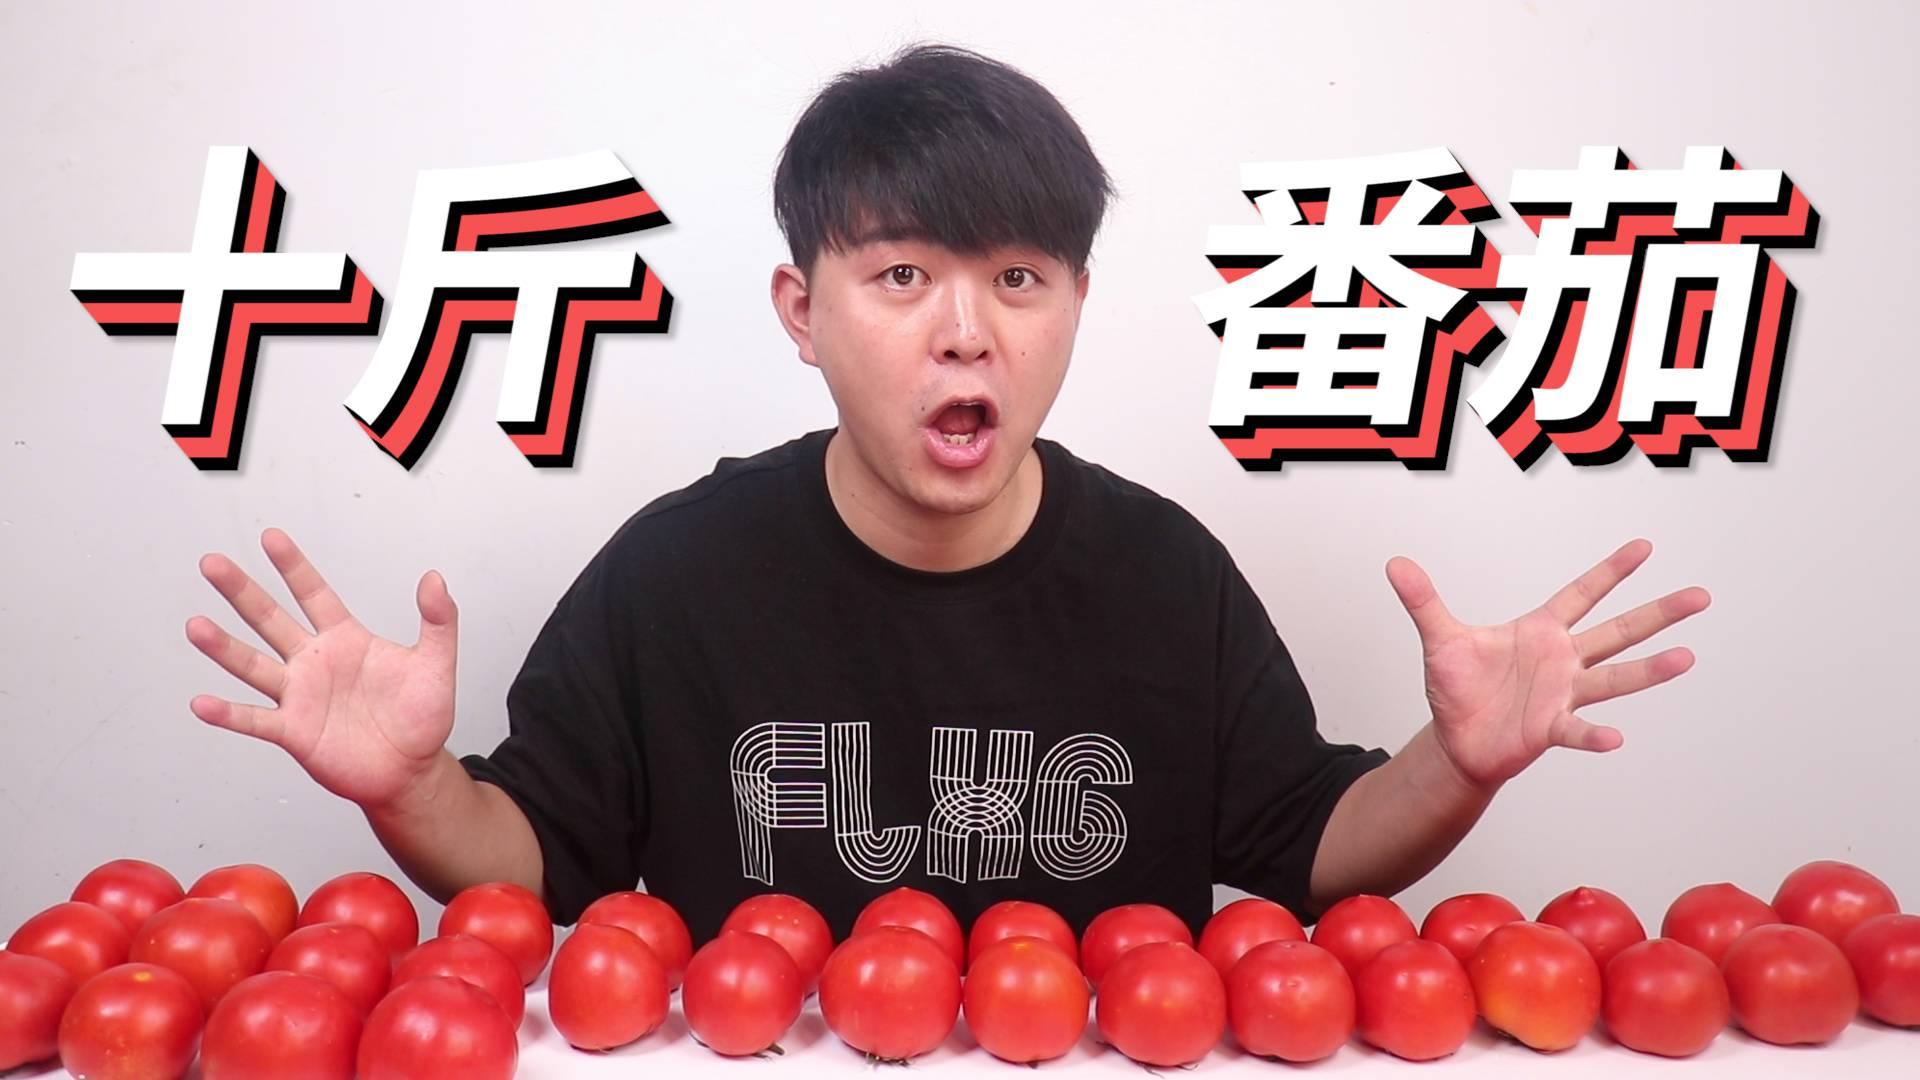 尝试用十斤番茄到底能制作出多少番茄酱,相比包装袋真的划算吗